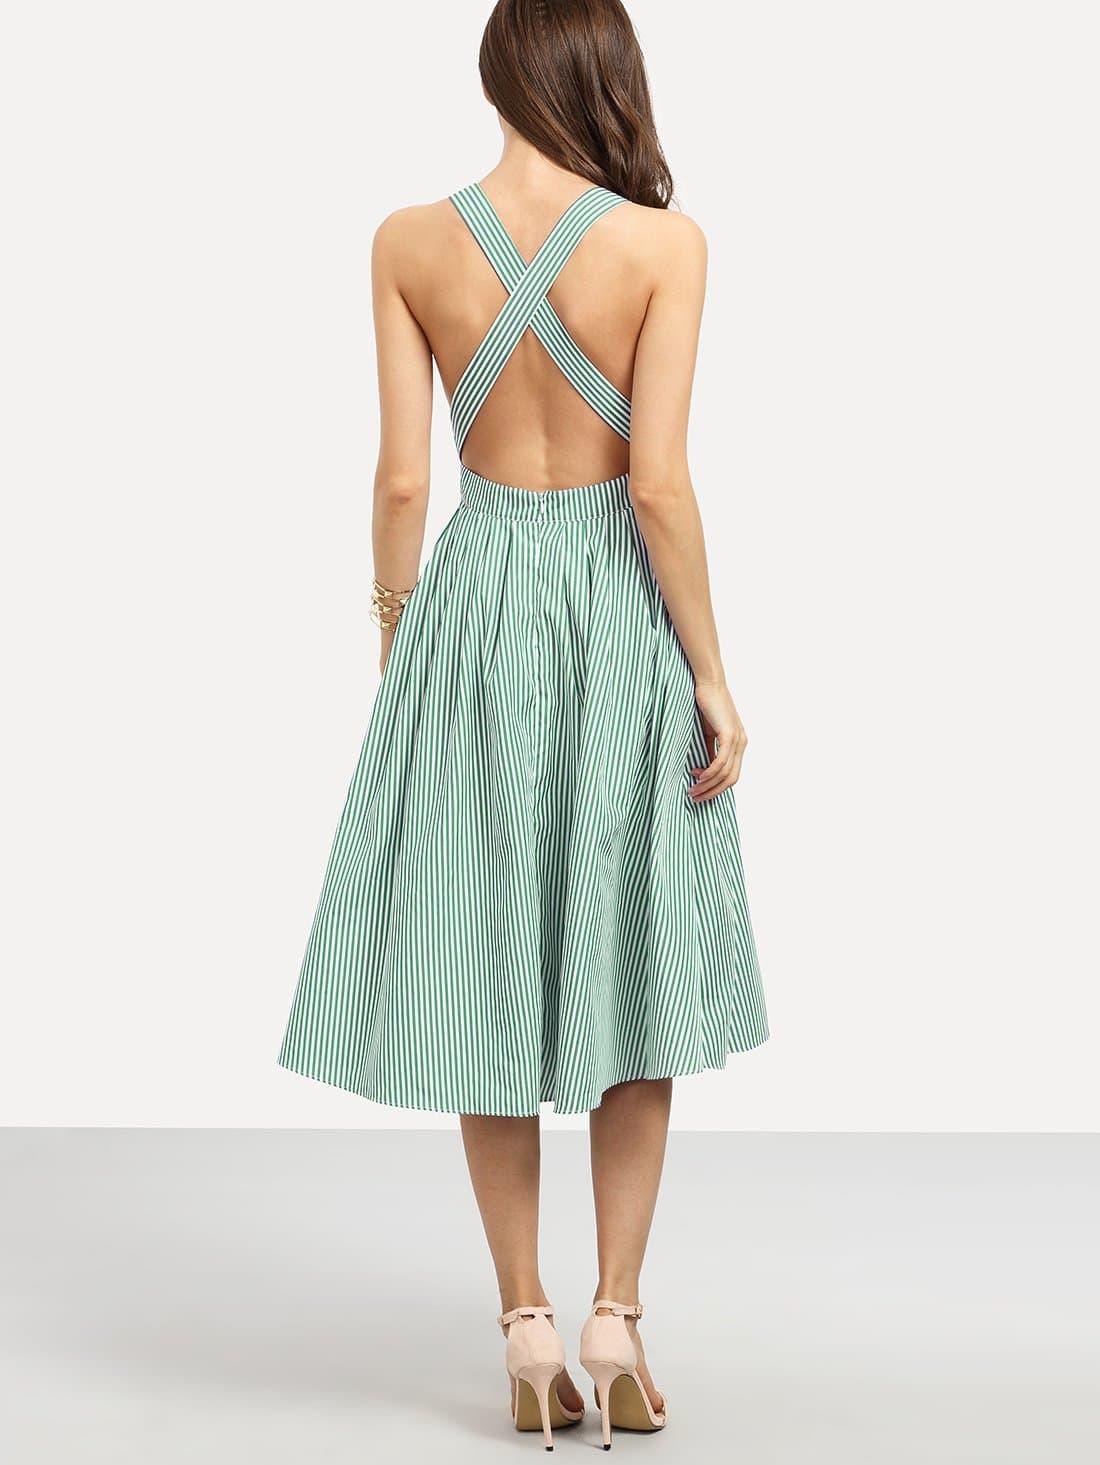 Criss Cross Open Back Stripe Dress criss cross open back ruffle dress